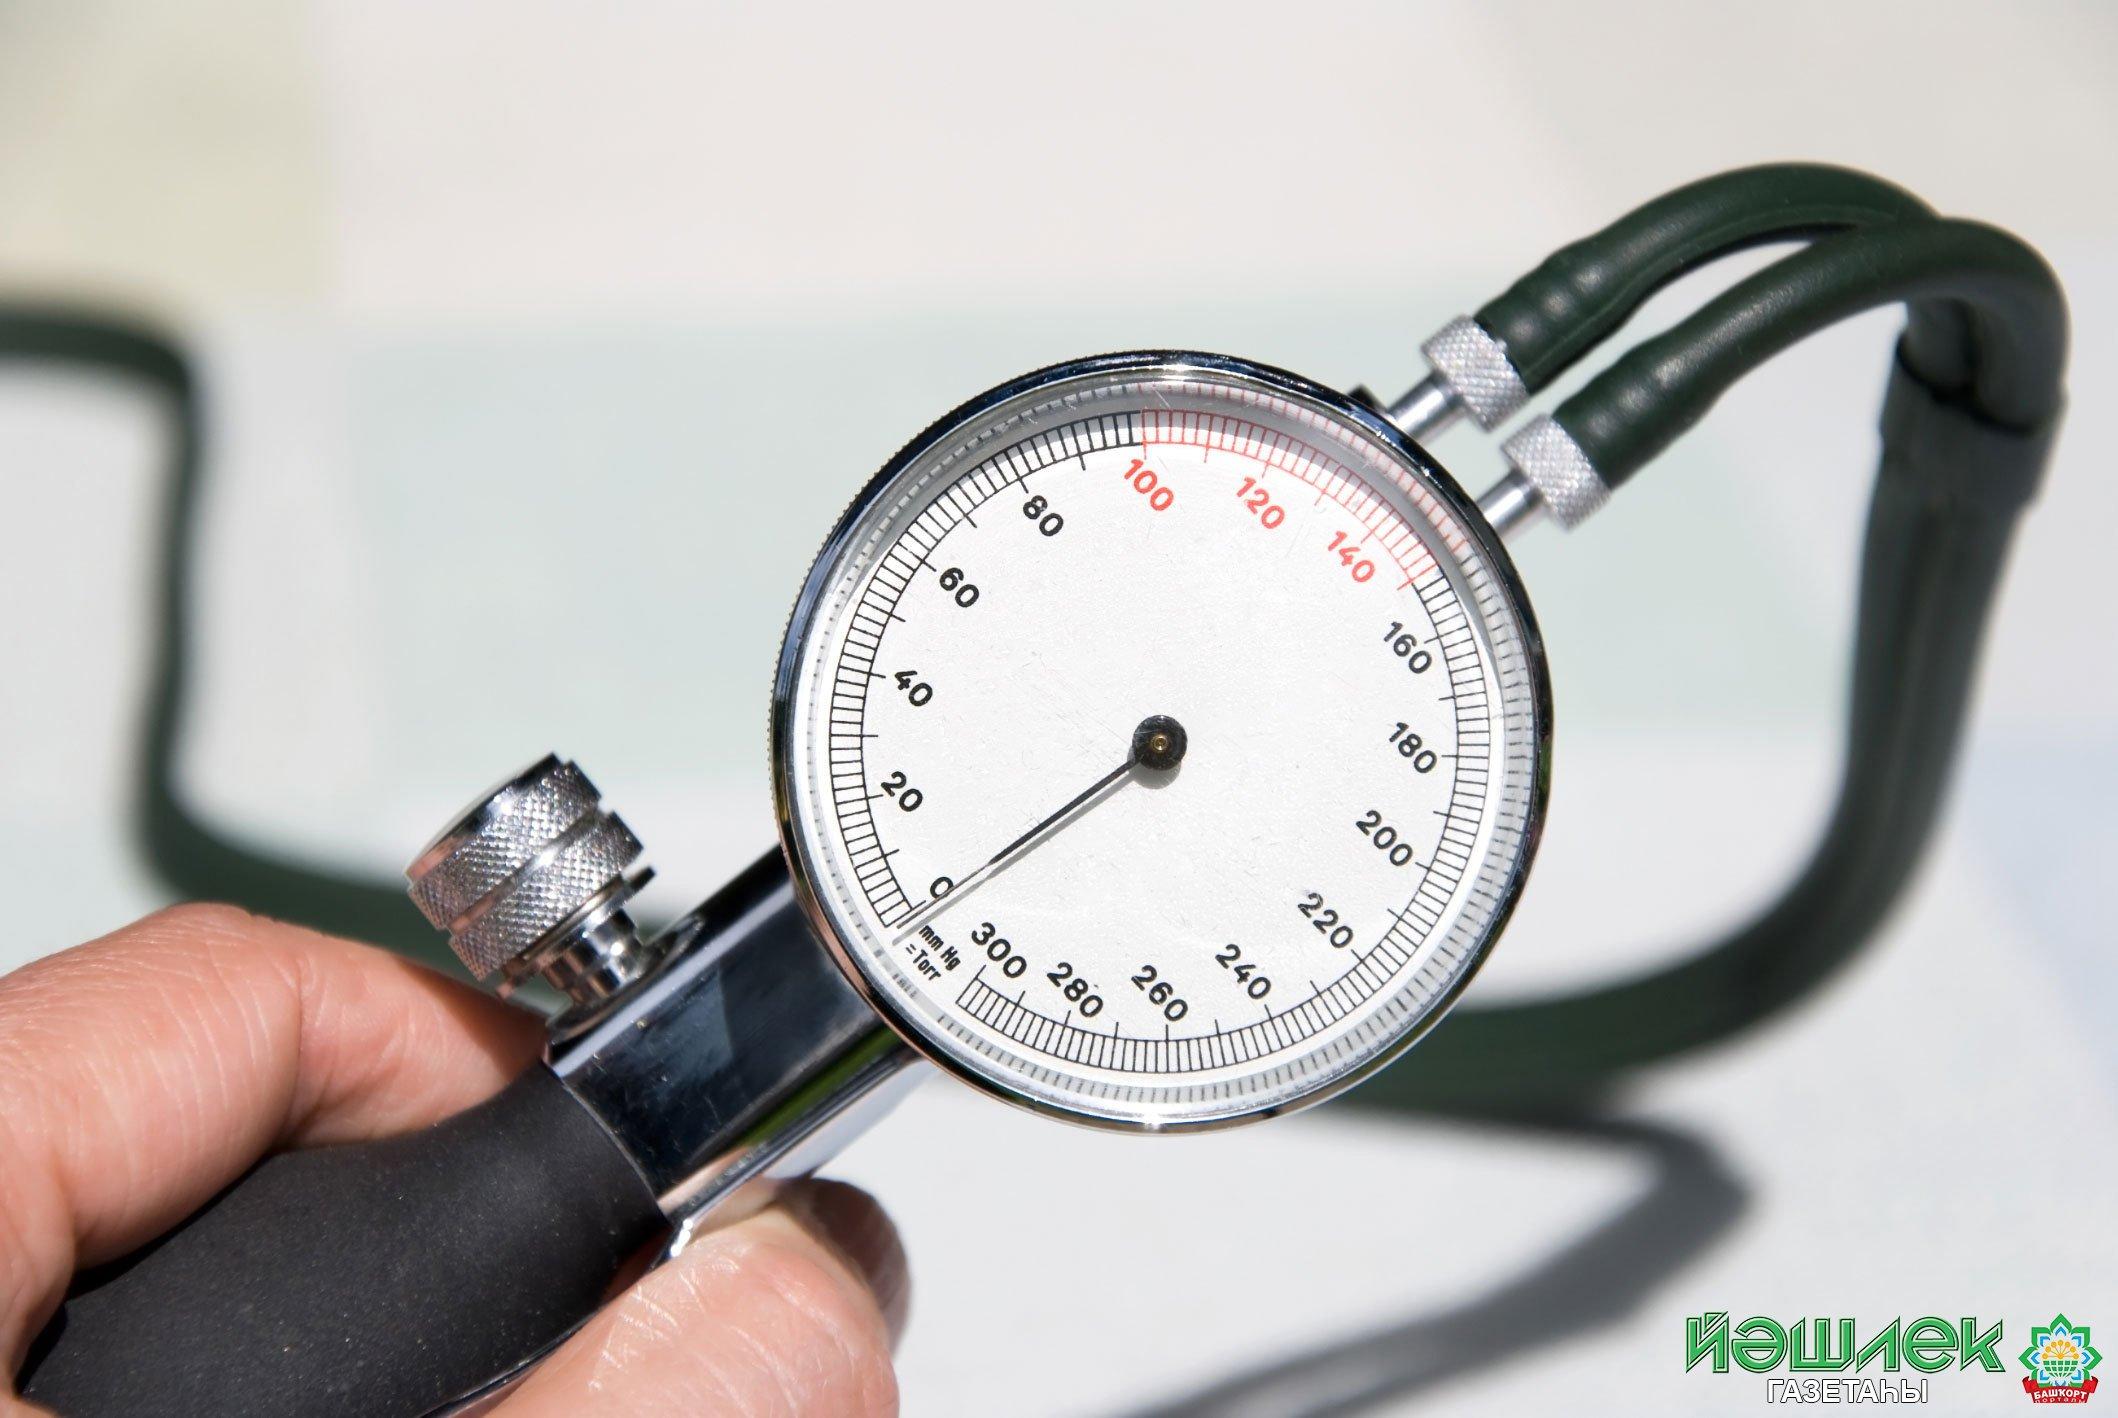 Как сделать чтобы снизить давление